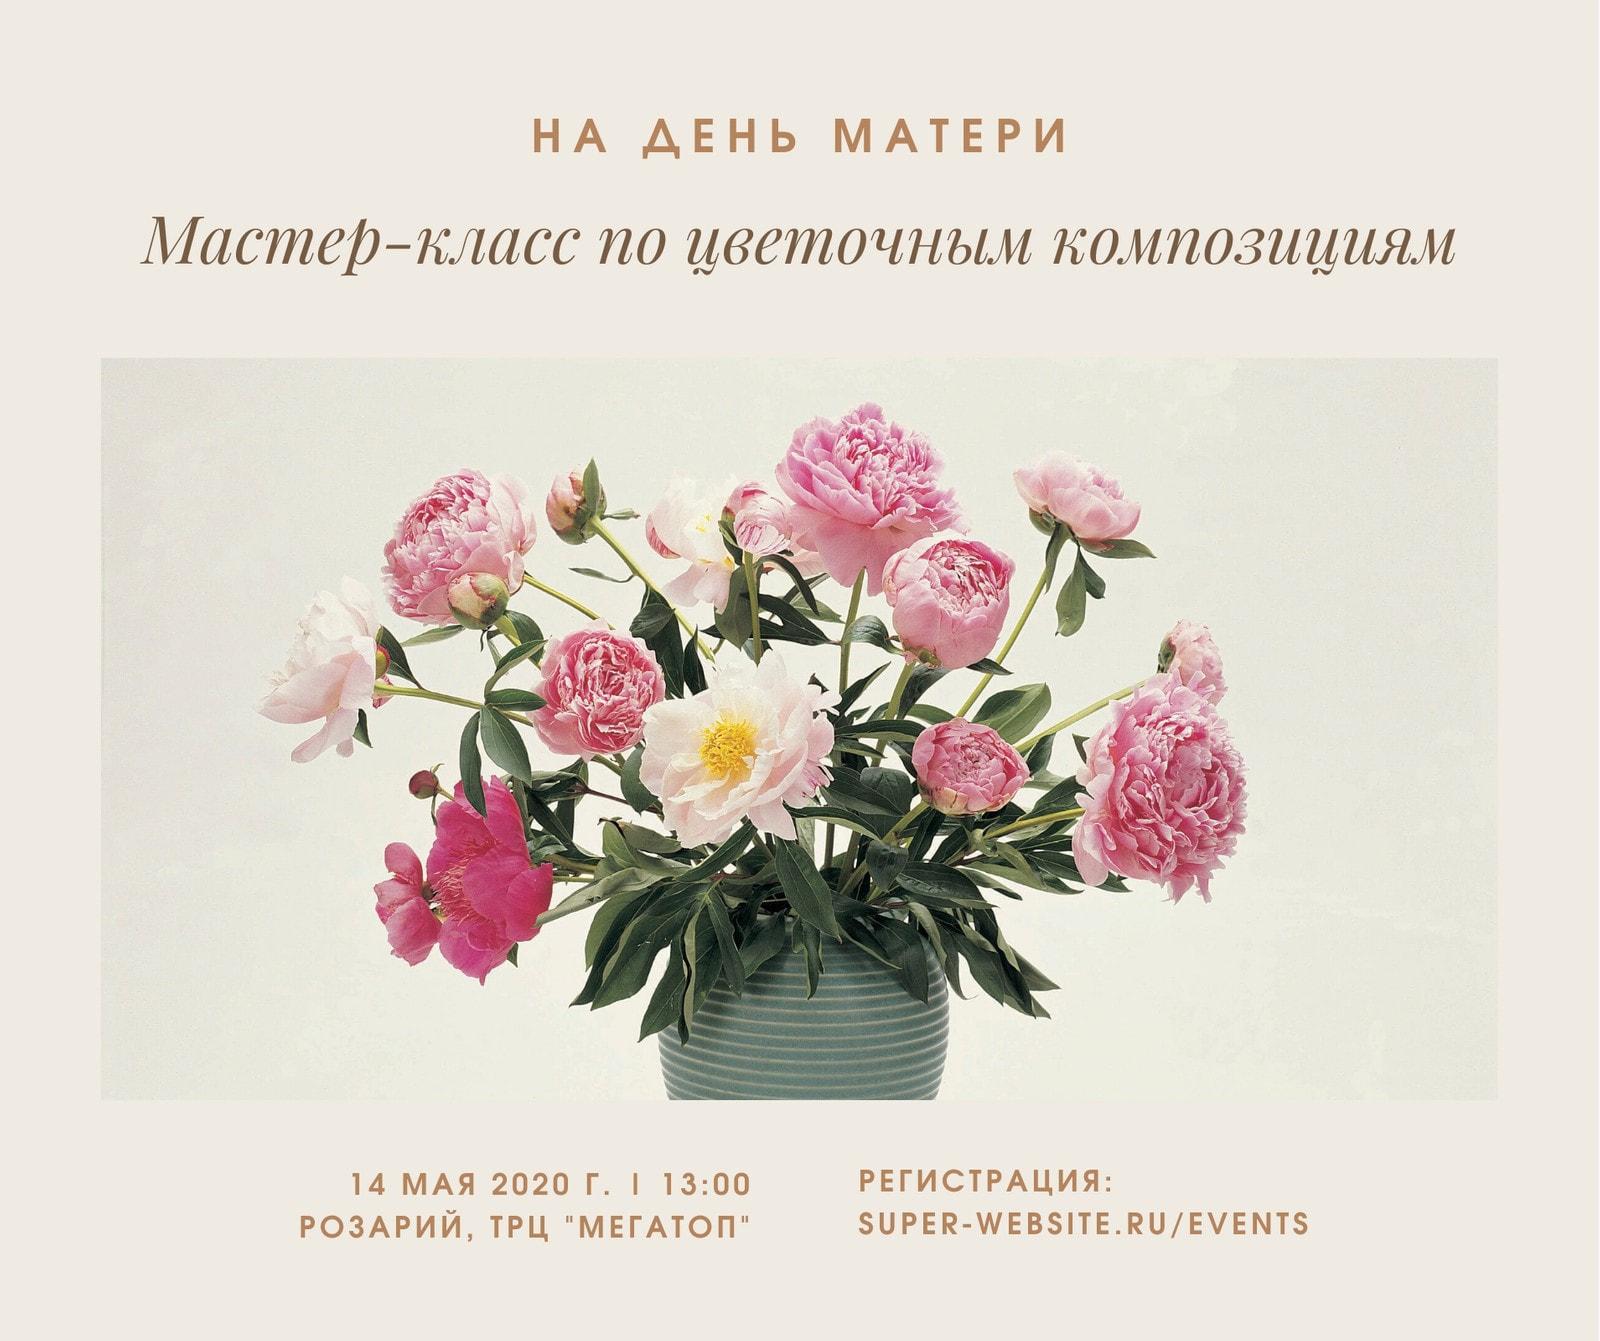 Коричнево-кремовая Цветок День Матери Публикация в Facebook